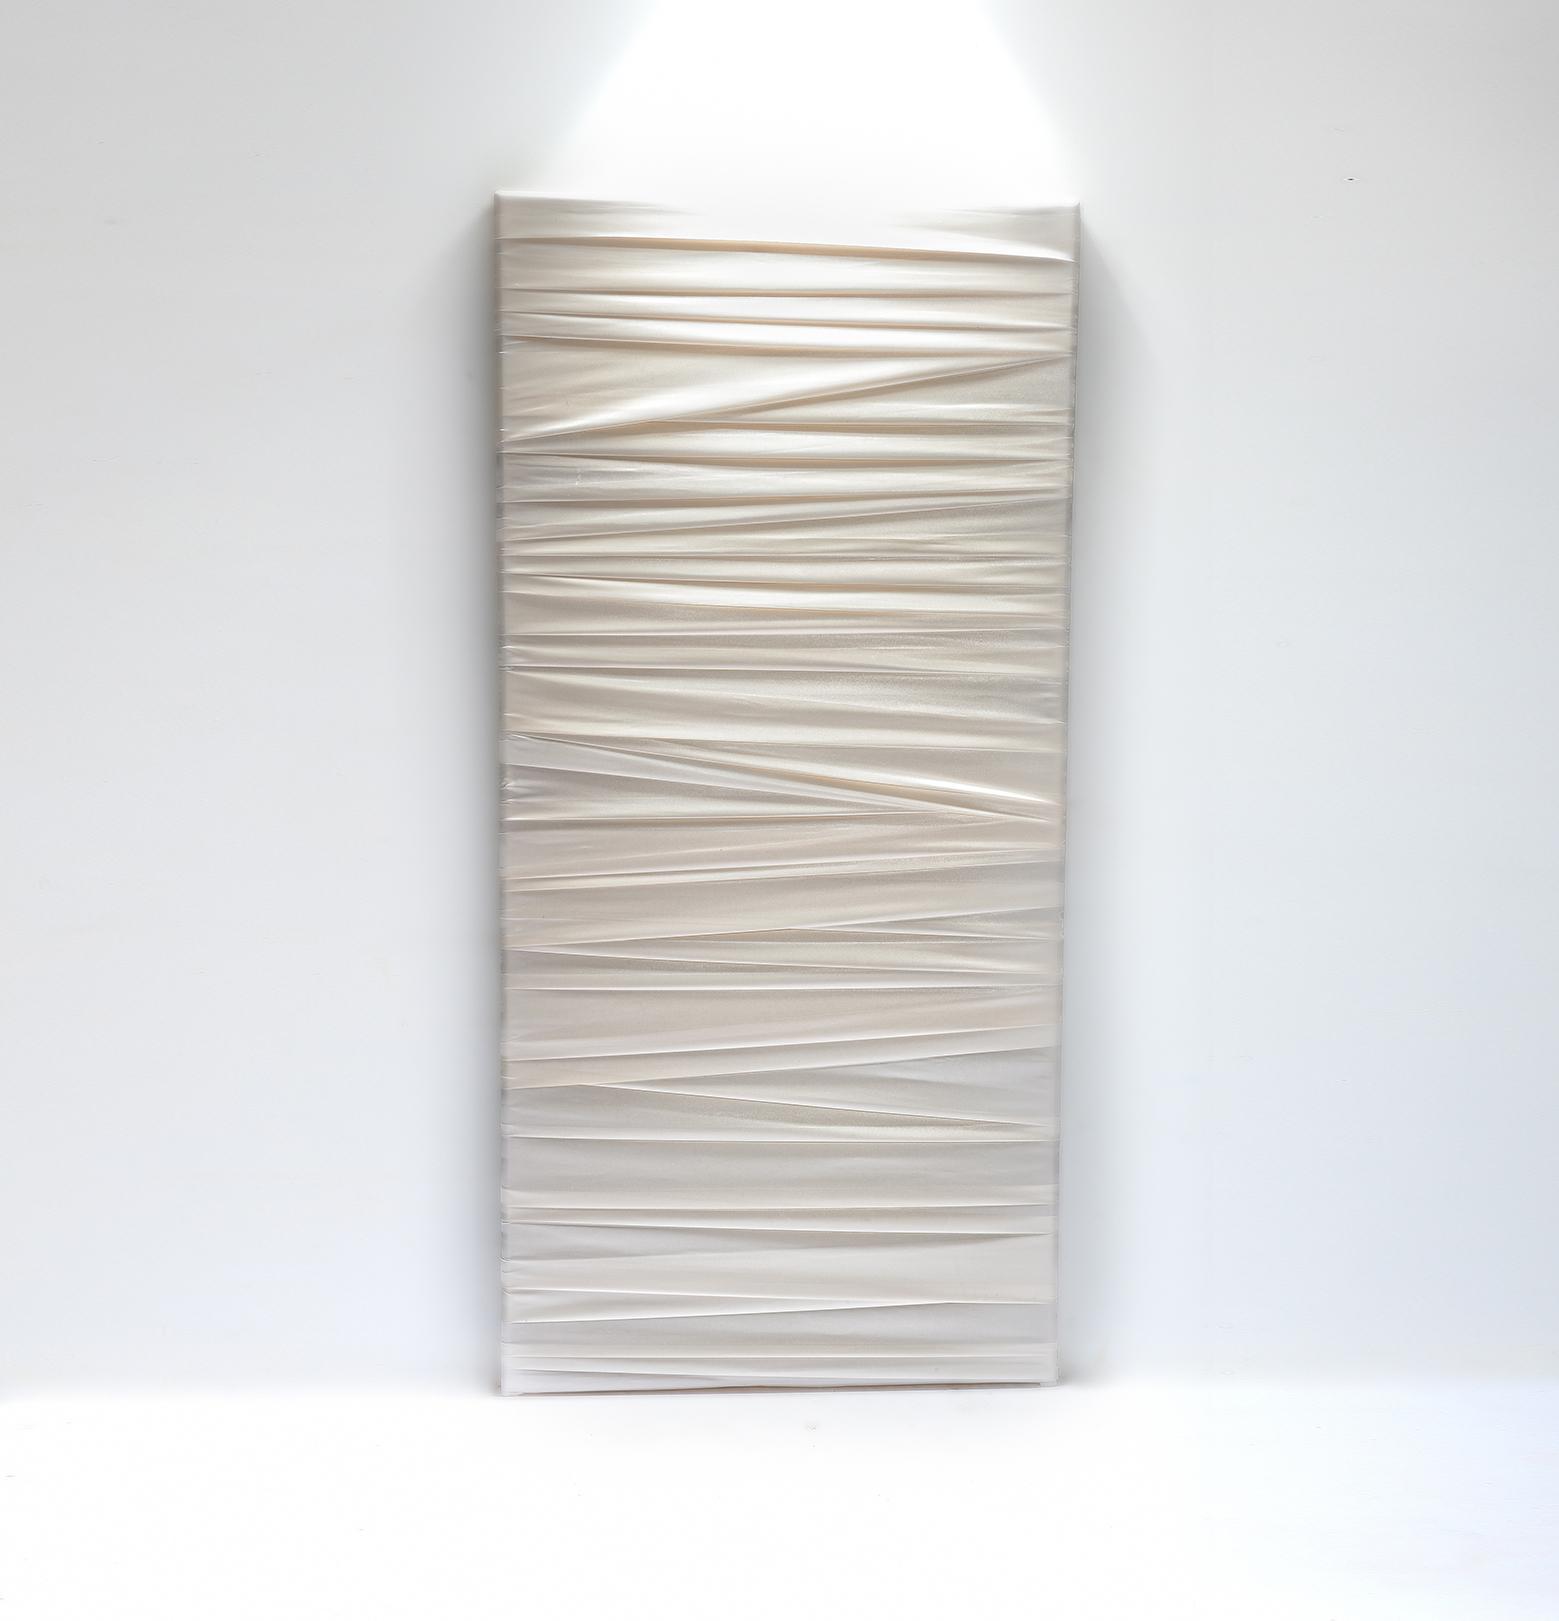 Achim Großmann – Künstler - ArsCubis - Verkleidung einer nicht mehr benutzen Tür